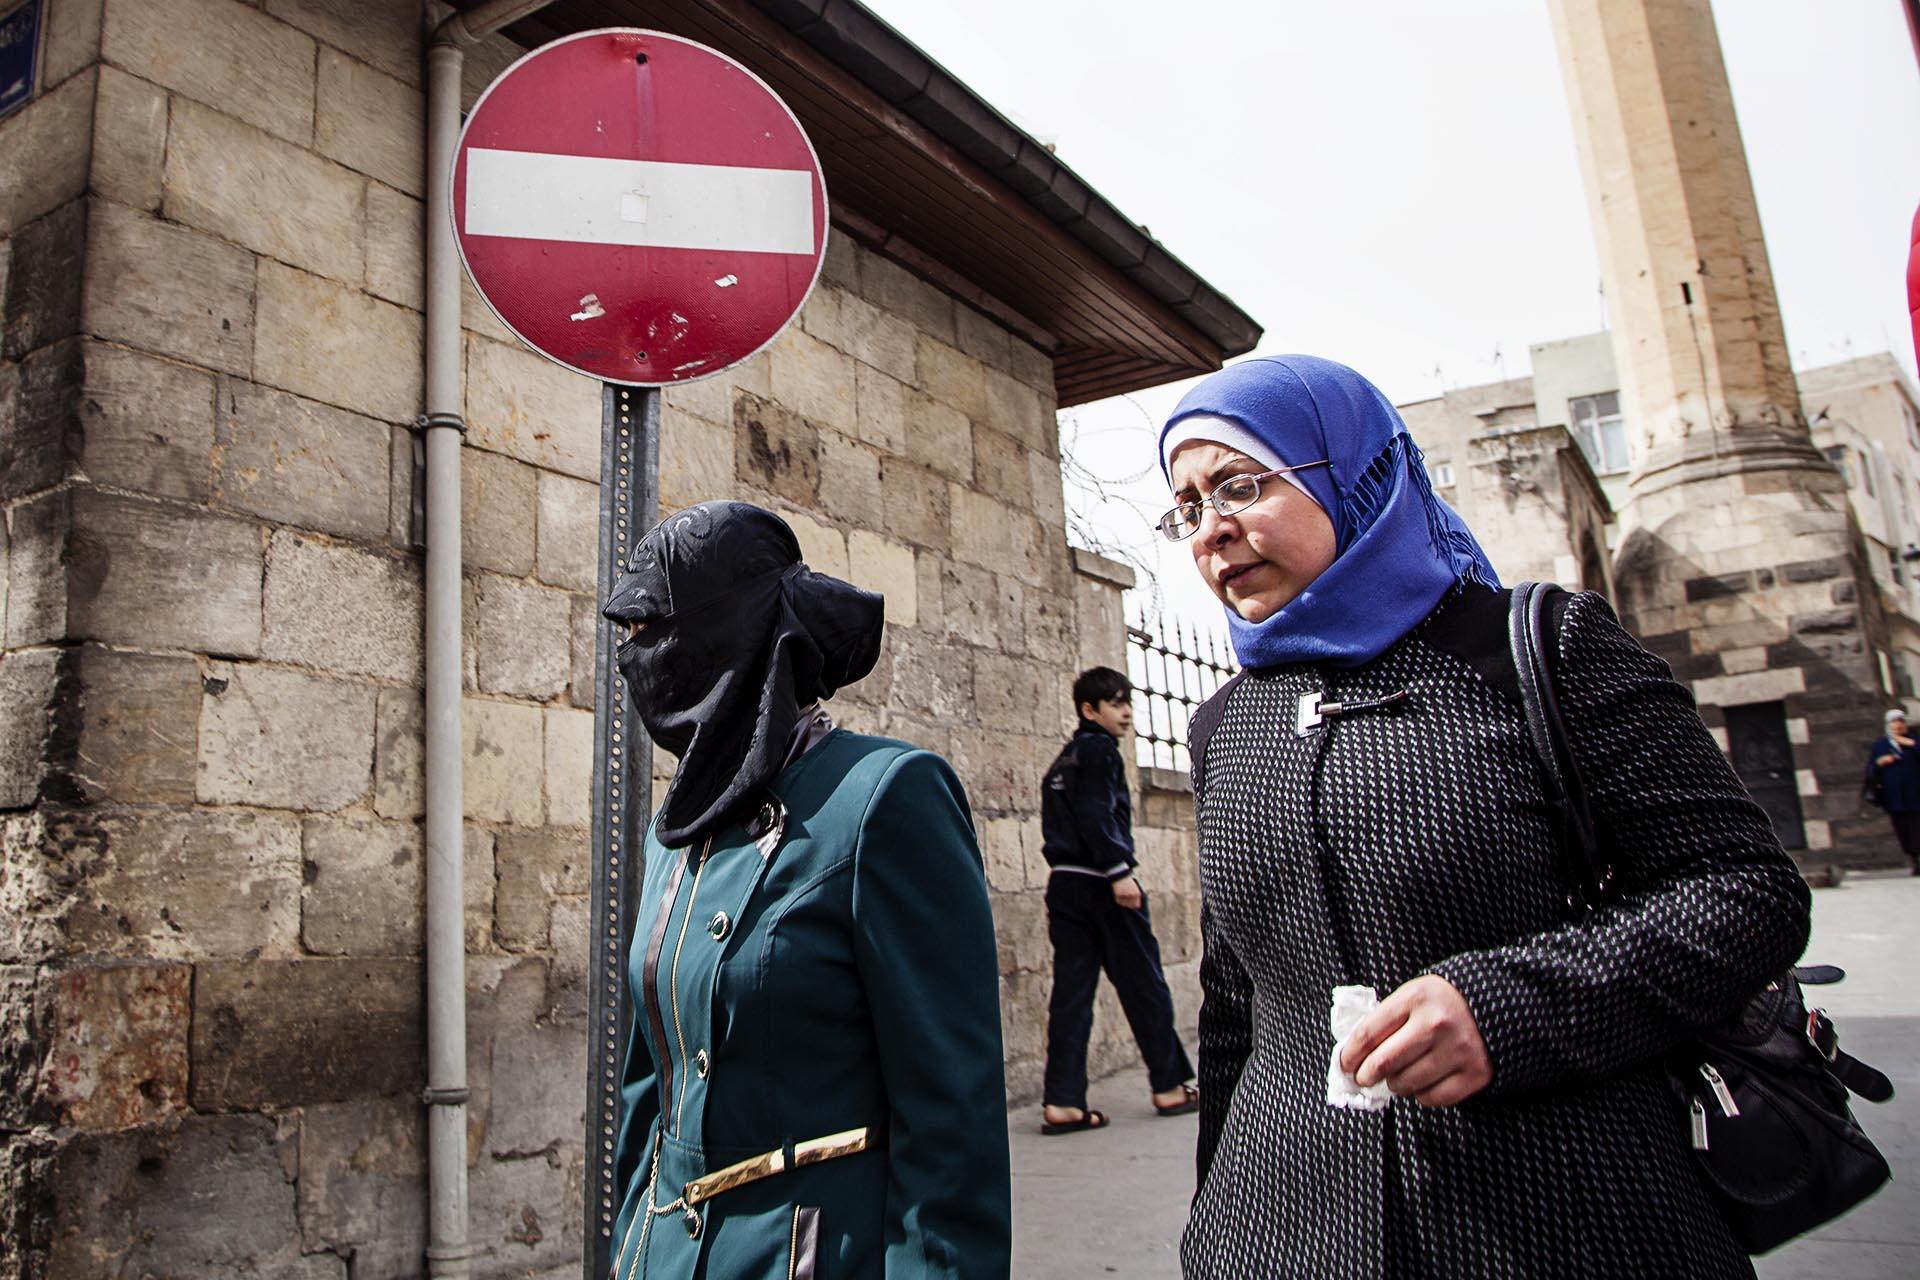 Turquía levantó la prohibición del velo islámico en las Fuerzas Armadas, otro paso hacia la islamización.